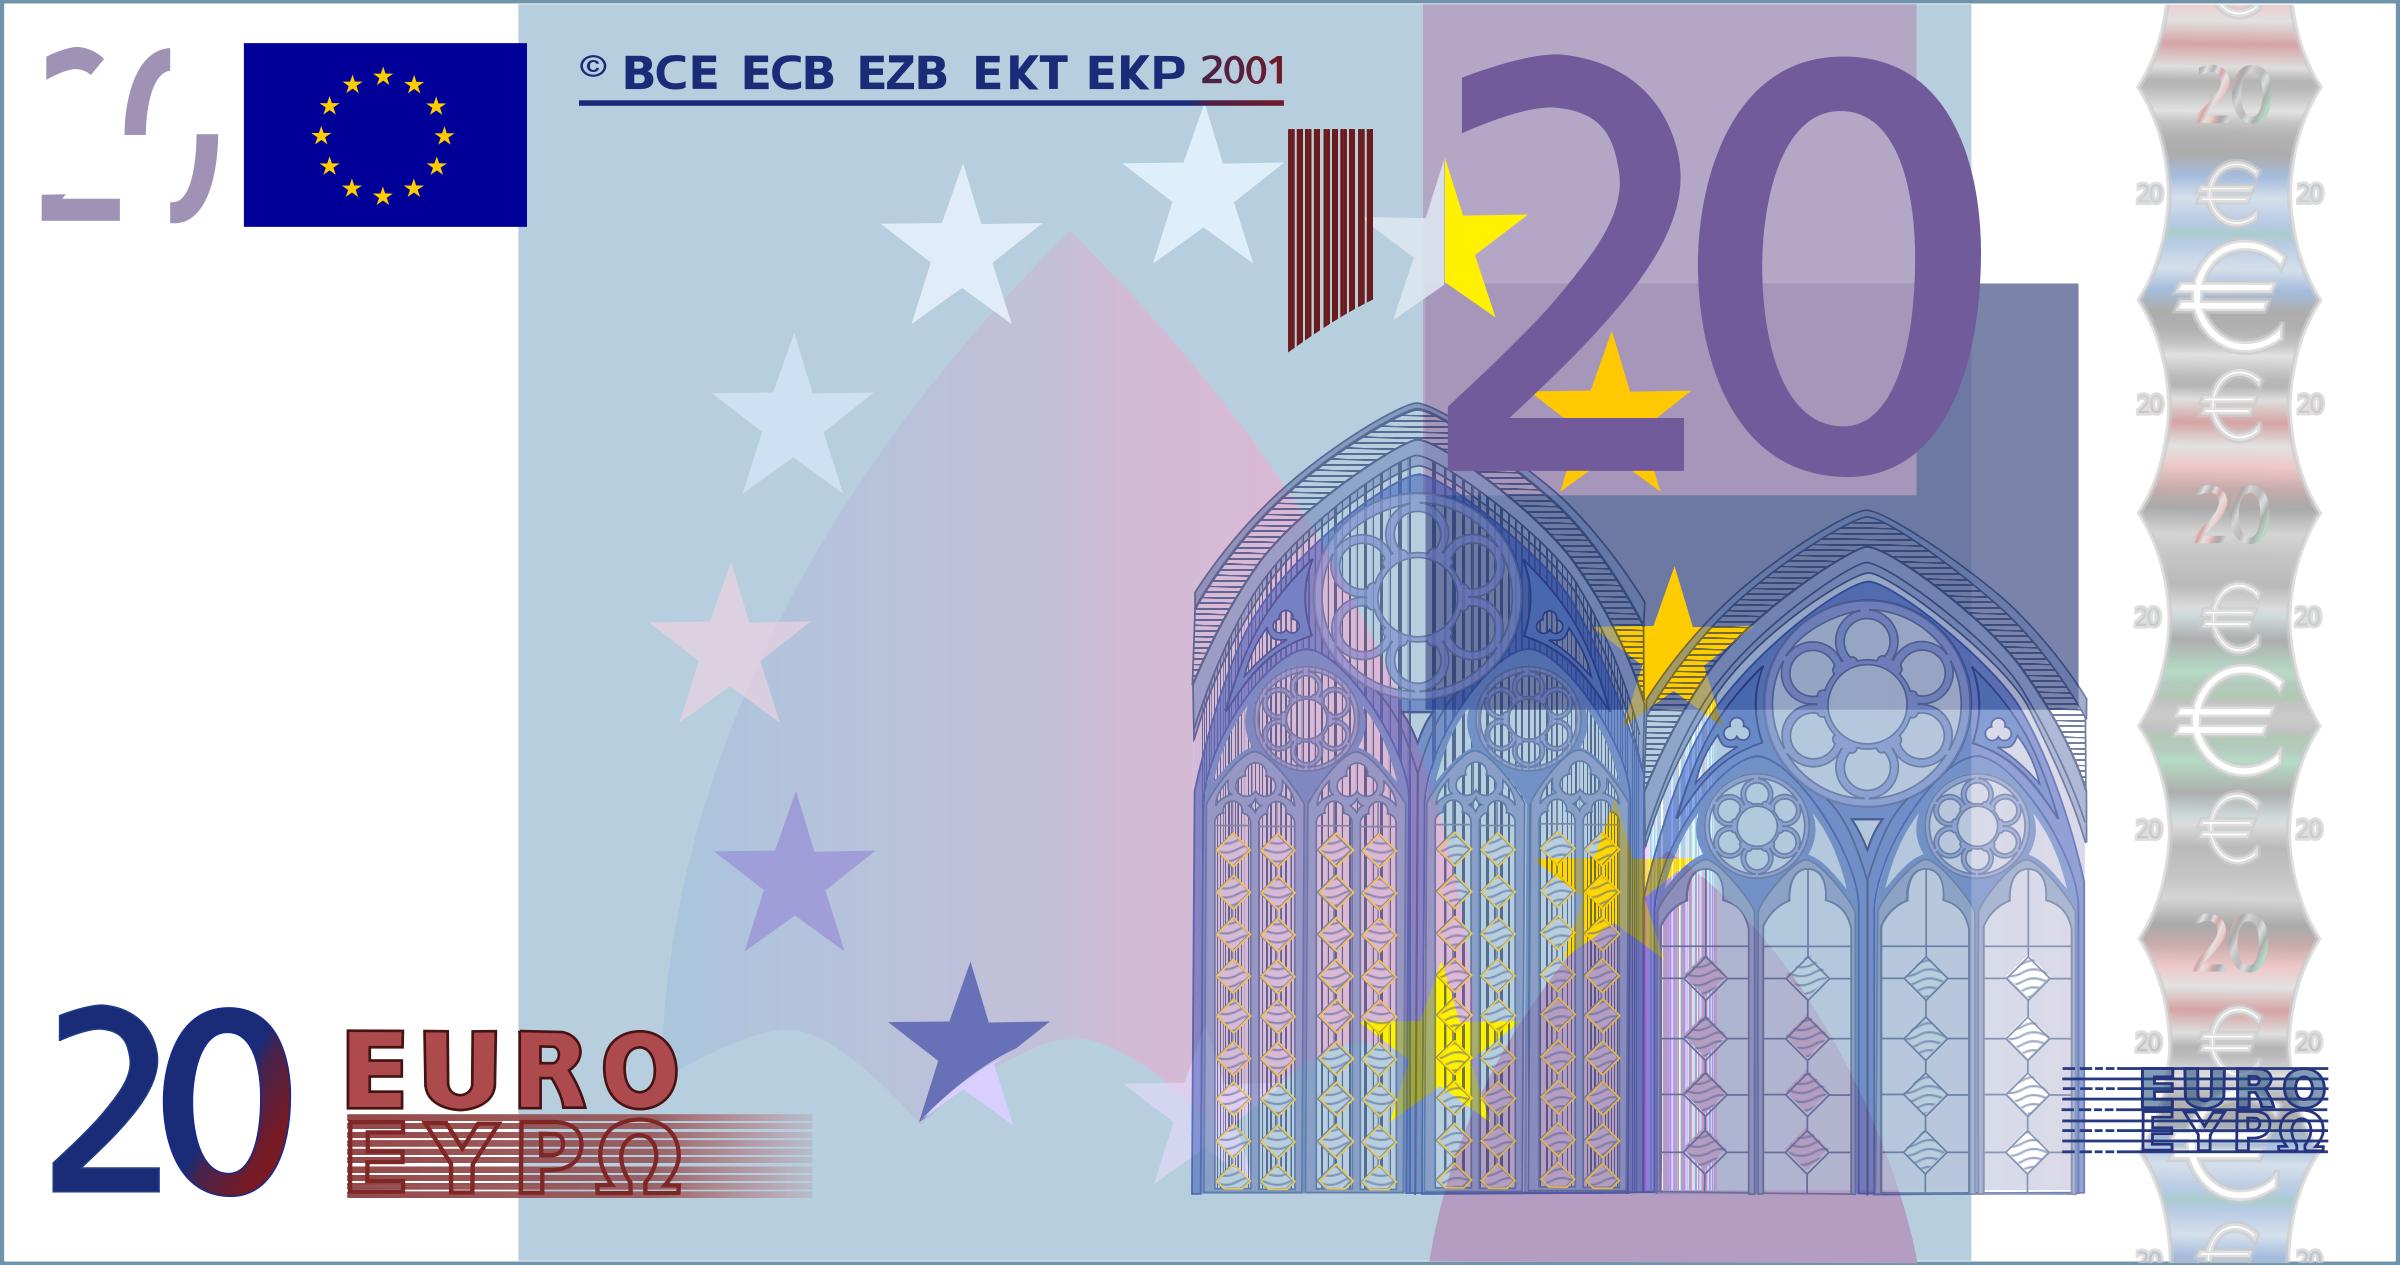 Portekiz'de asgari ücrete 20 Euro zam geldi